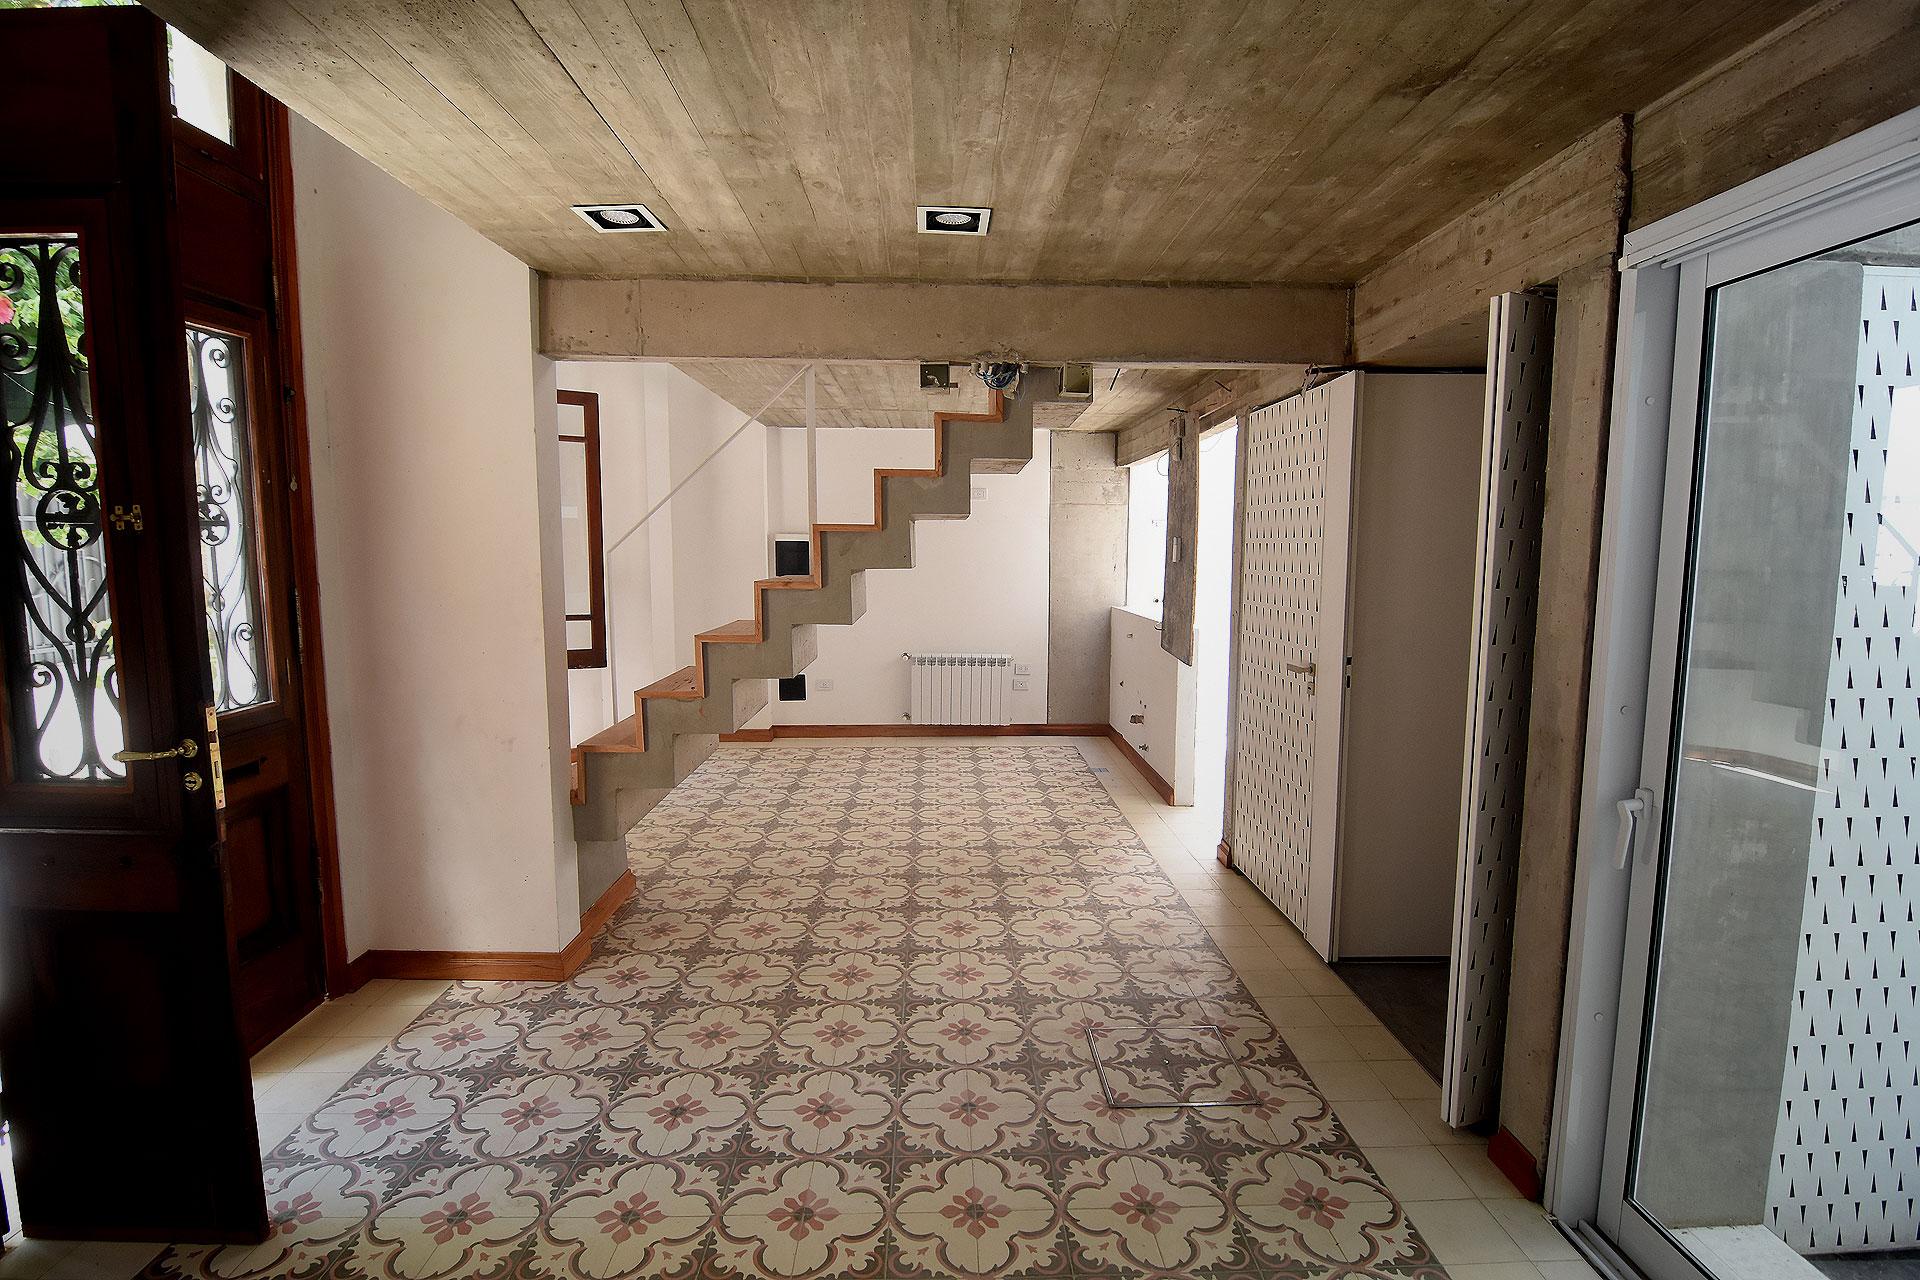 La vivienda se reutilizó como hall de acceso y areas públicas, incorporándole además un entrepiso con balconeo hacia planta baja